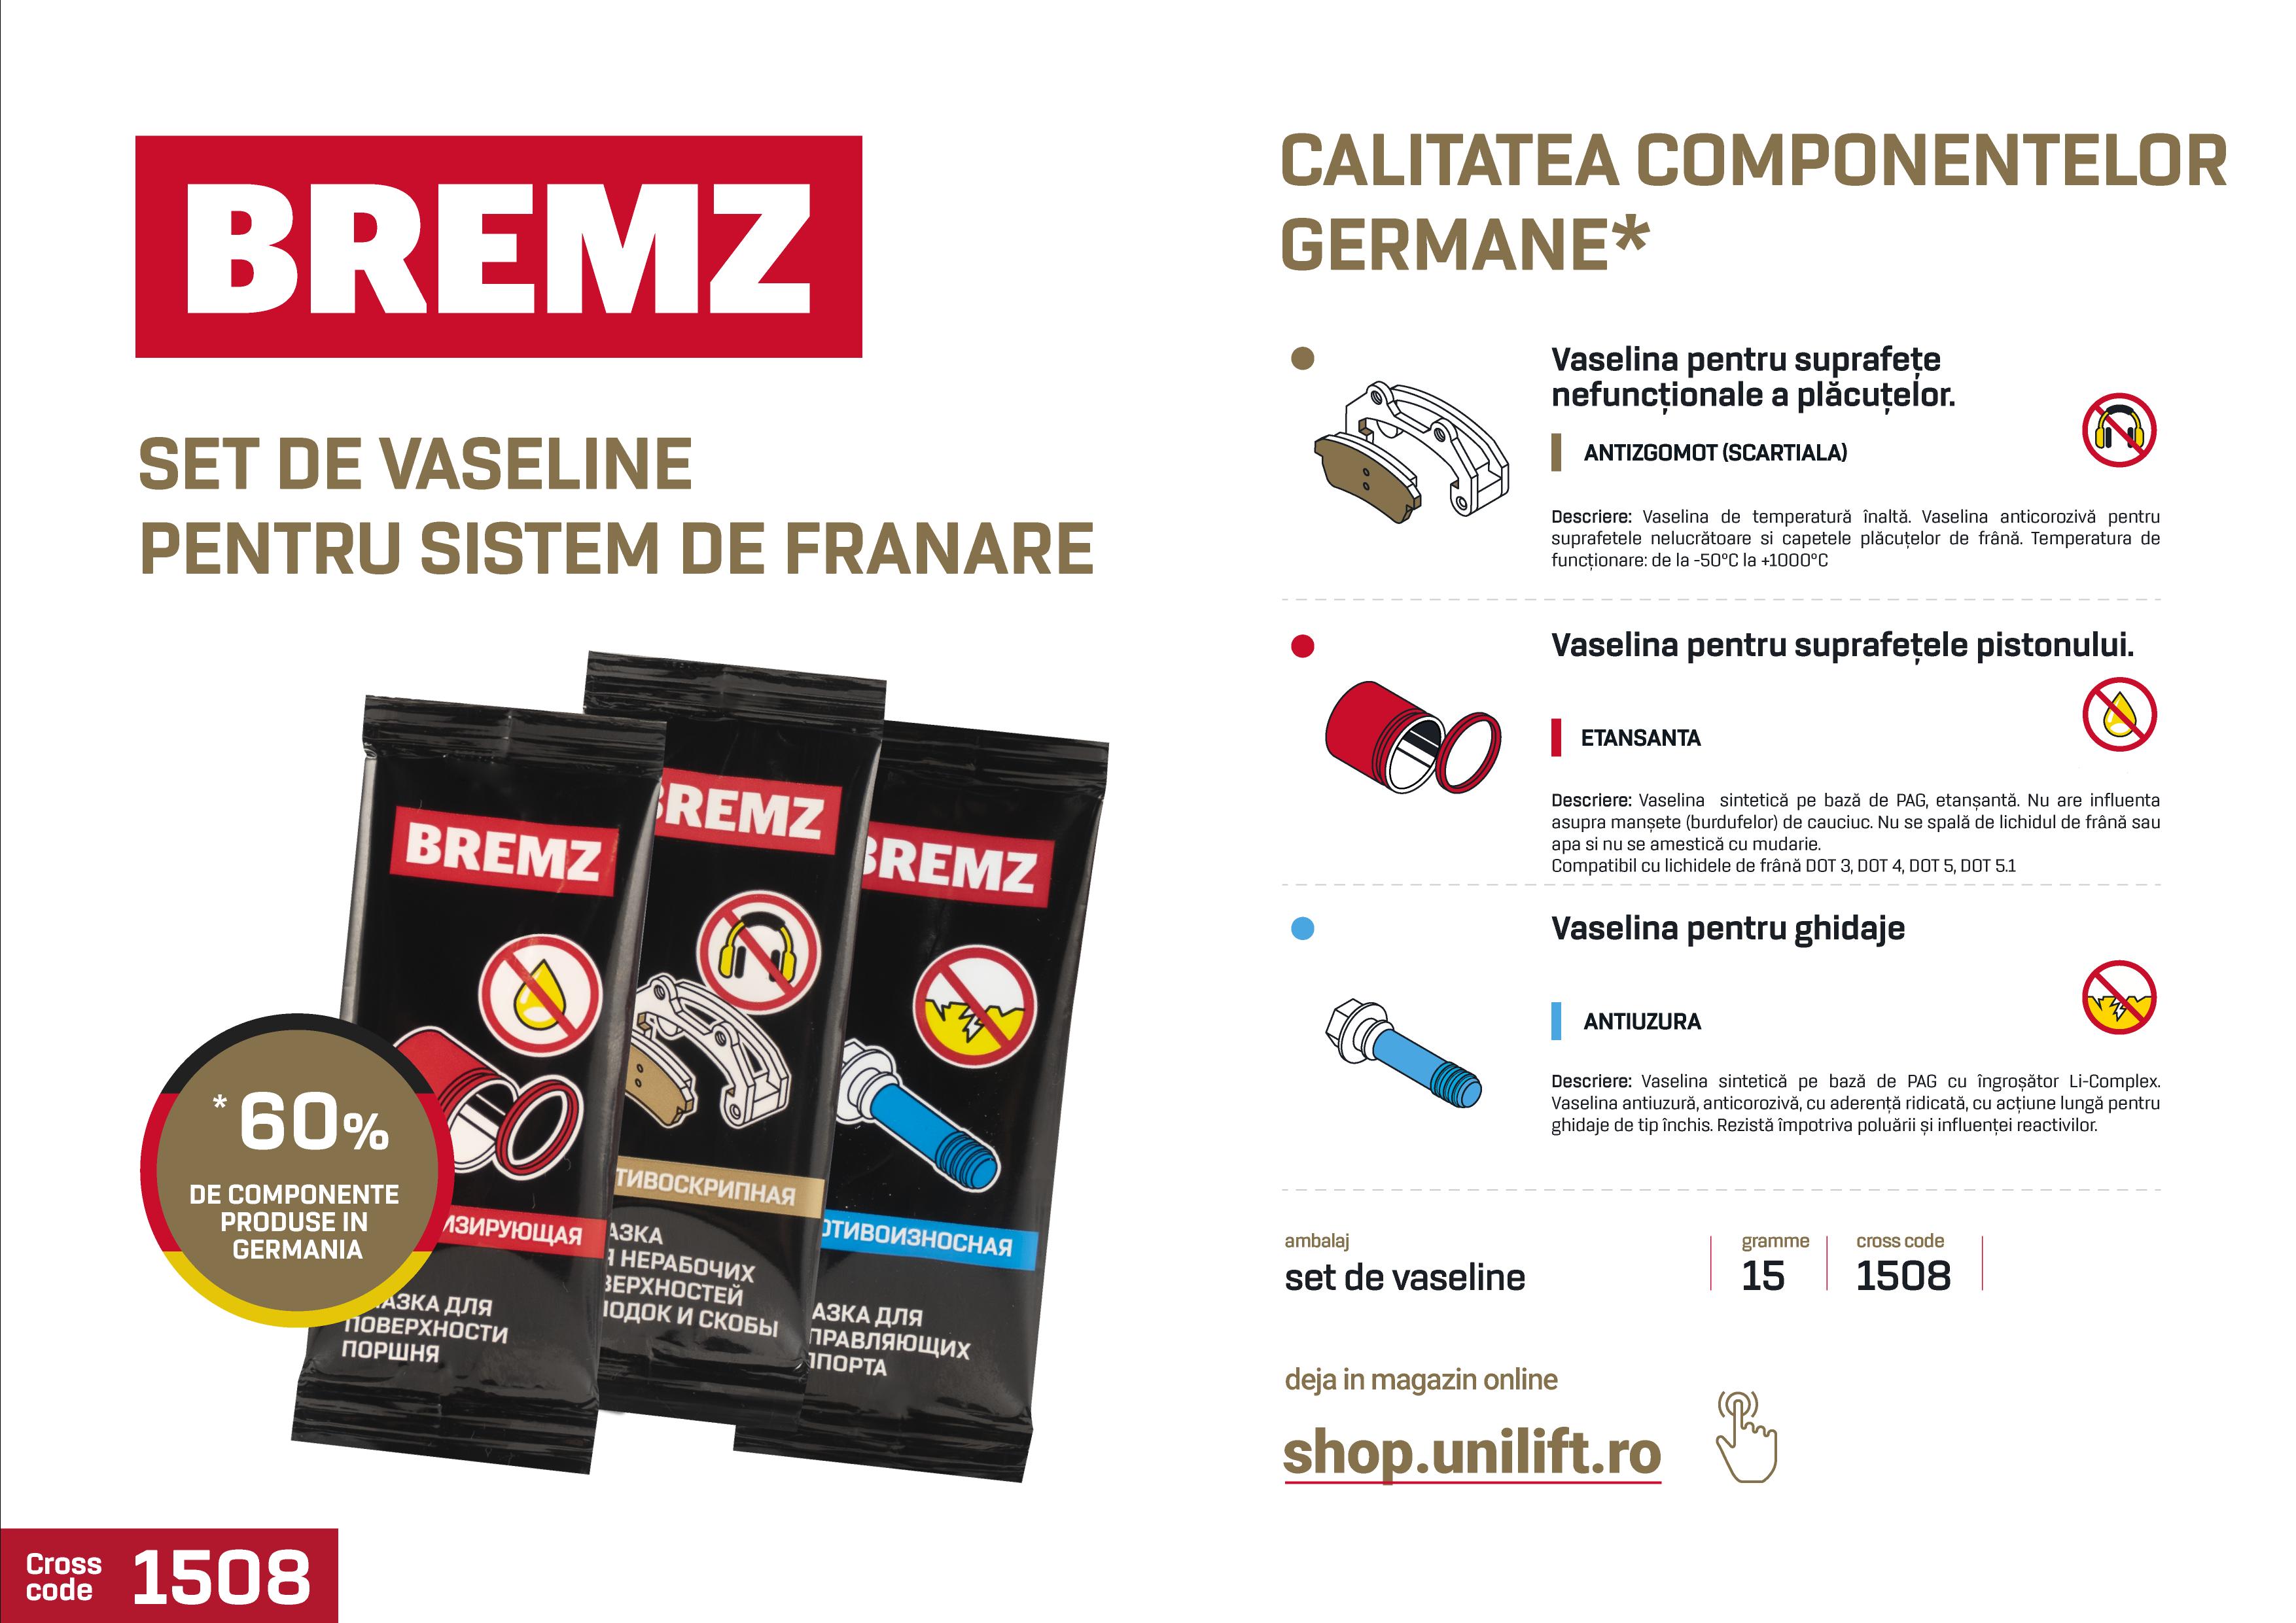 1 BREMZ, set de vaseline pentru sistemul de frânare, 3x5gr - SHOP unilift.ro vaselina pentru frane